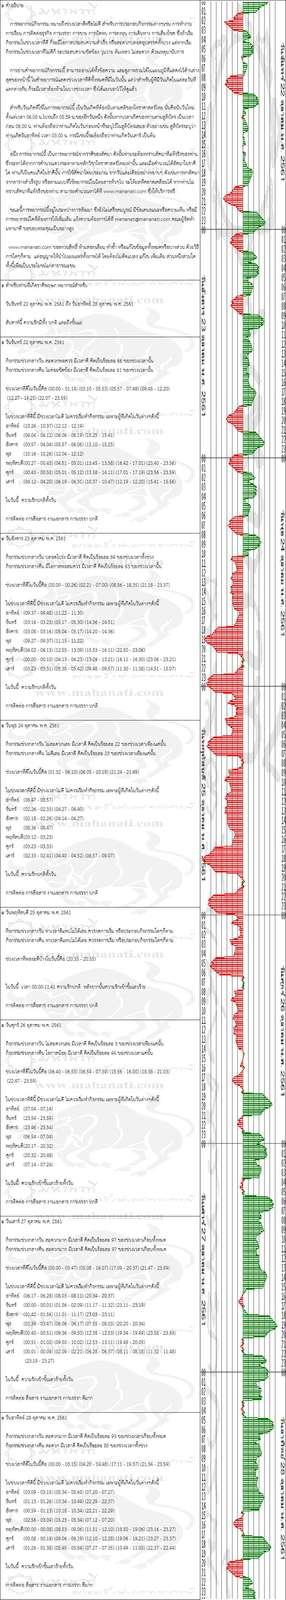 pgogc86x161KXv7tNde-o.jpg